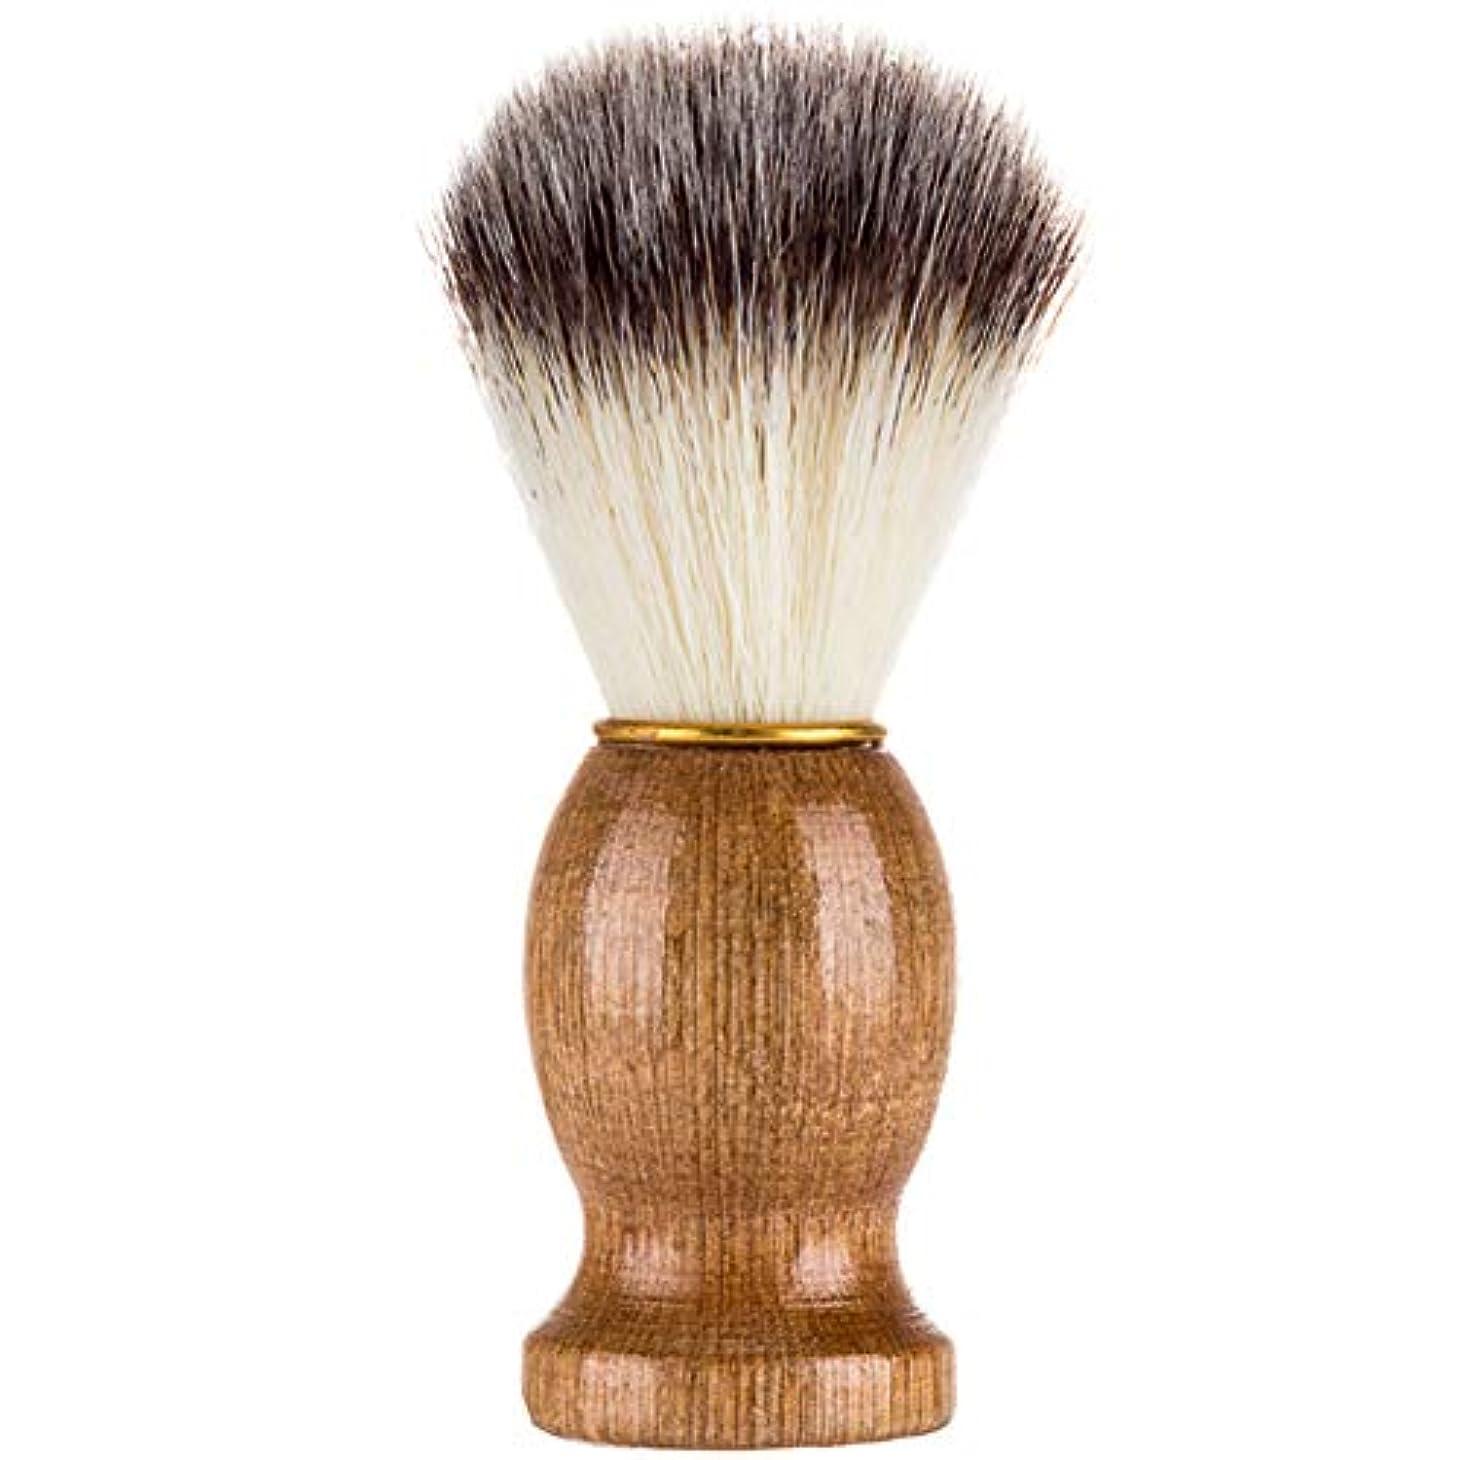 フォアマンヘビ債務者Profeel シェービングブラシ、シェービングブラシ、男性シェービングブラシシェービングかみそりブラシサロン理髪店用ツールひげ剃り用品